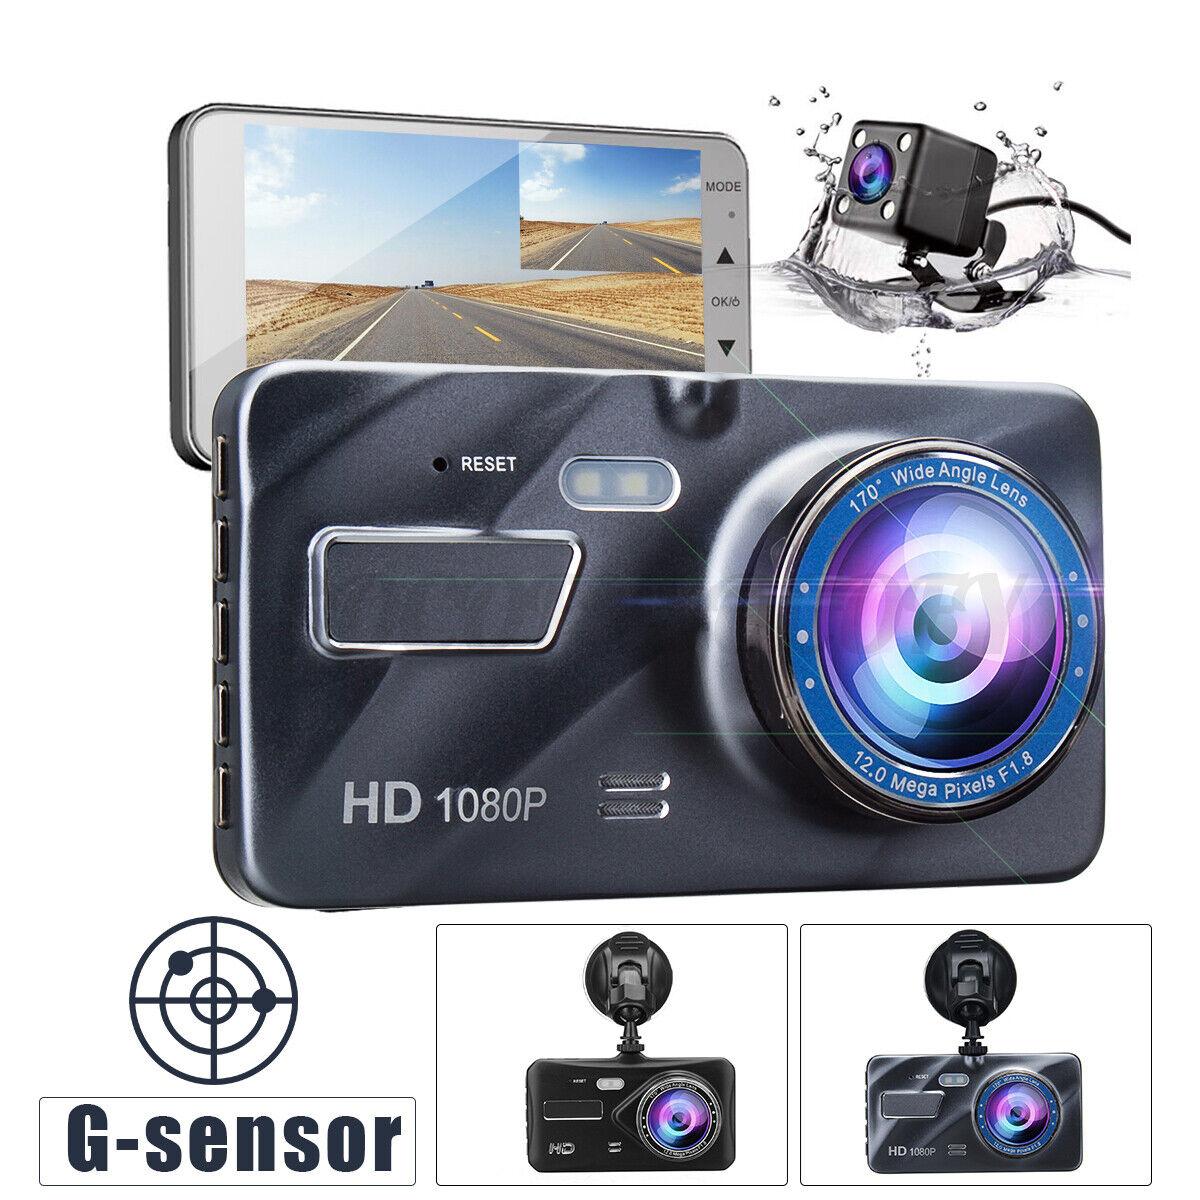 """4"""" Dual Lens 1080P Car DVR Camera Video Recorder Dash Cam G-Sensor Night Set US 1080p cam camera car dash dual dvr Featured lens recorder video"""